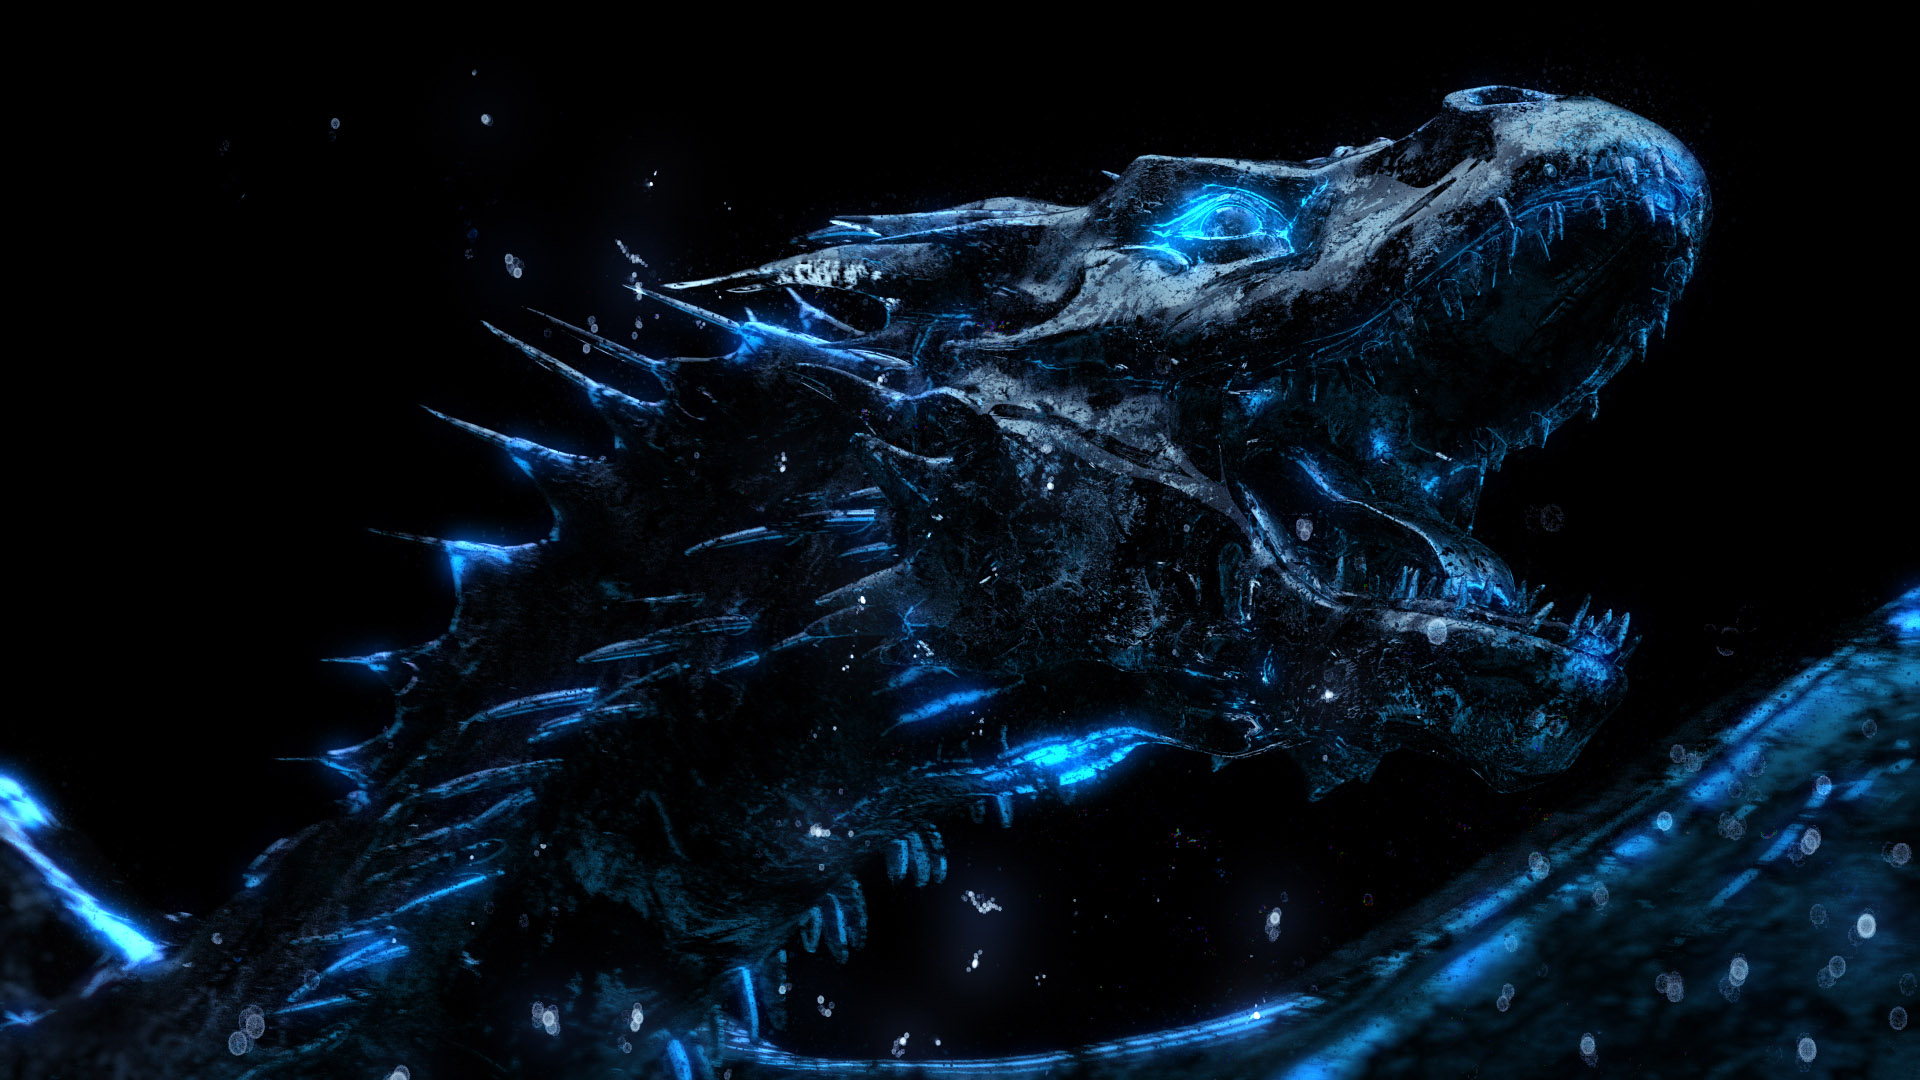 Dragon_03.jpg